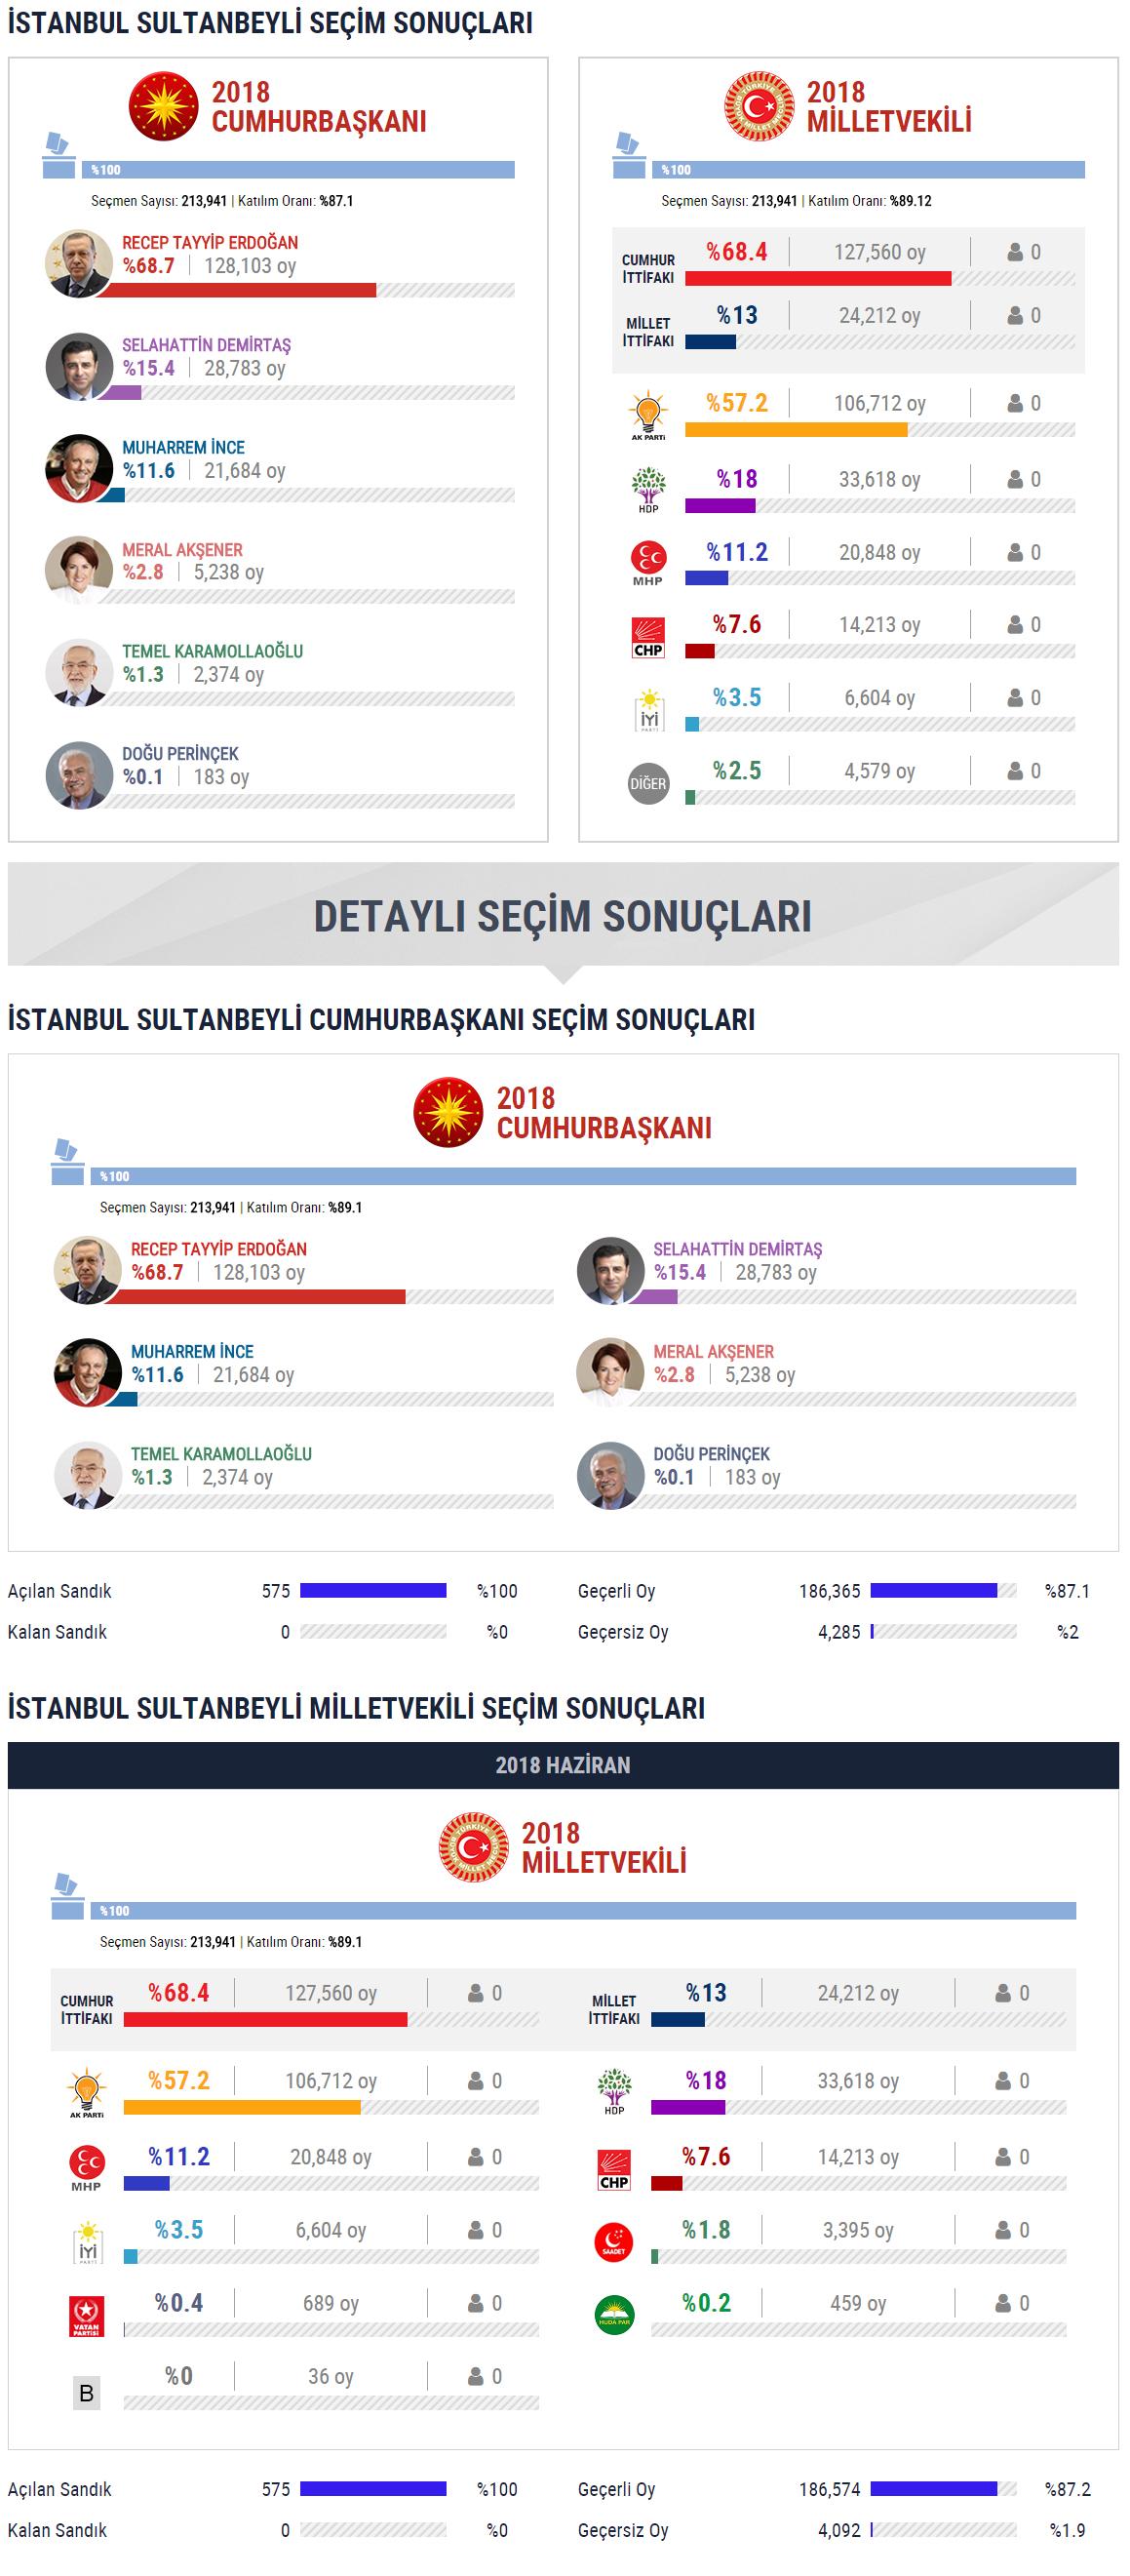 Sultanbeyli İlçersi Seçim Sonuçları Grafiği